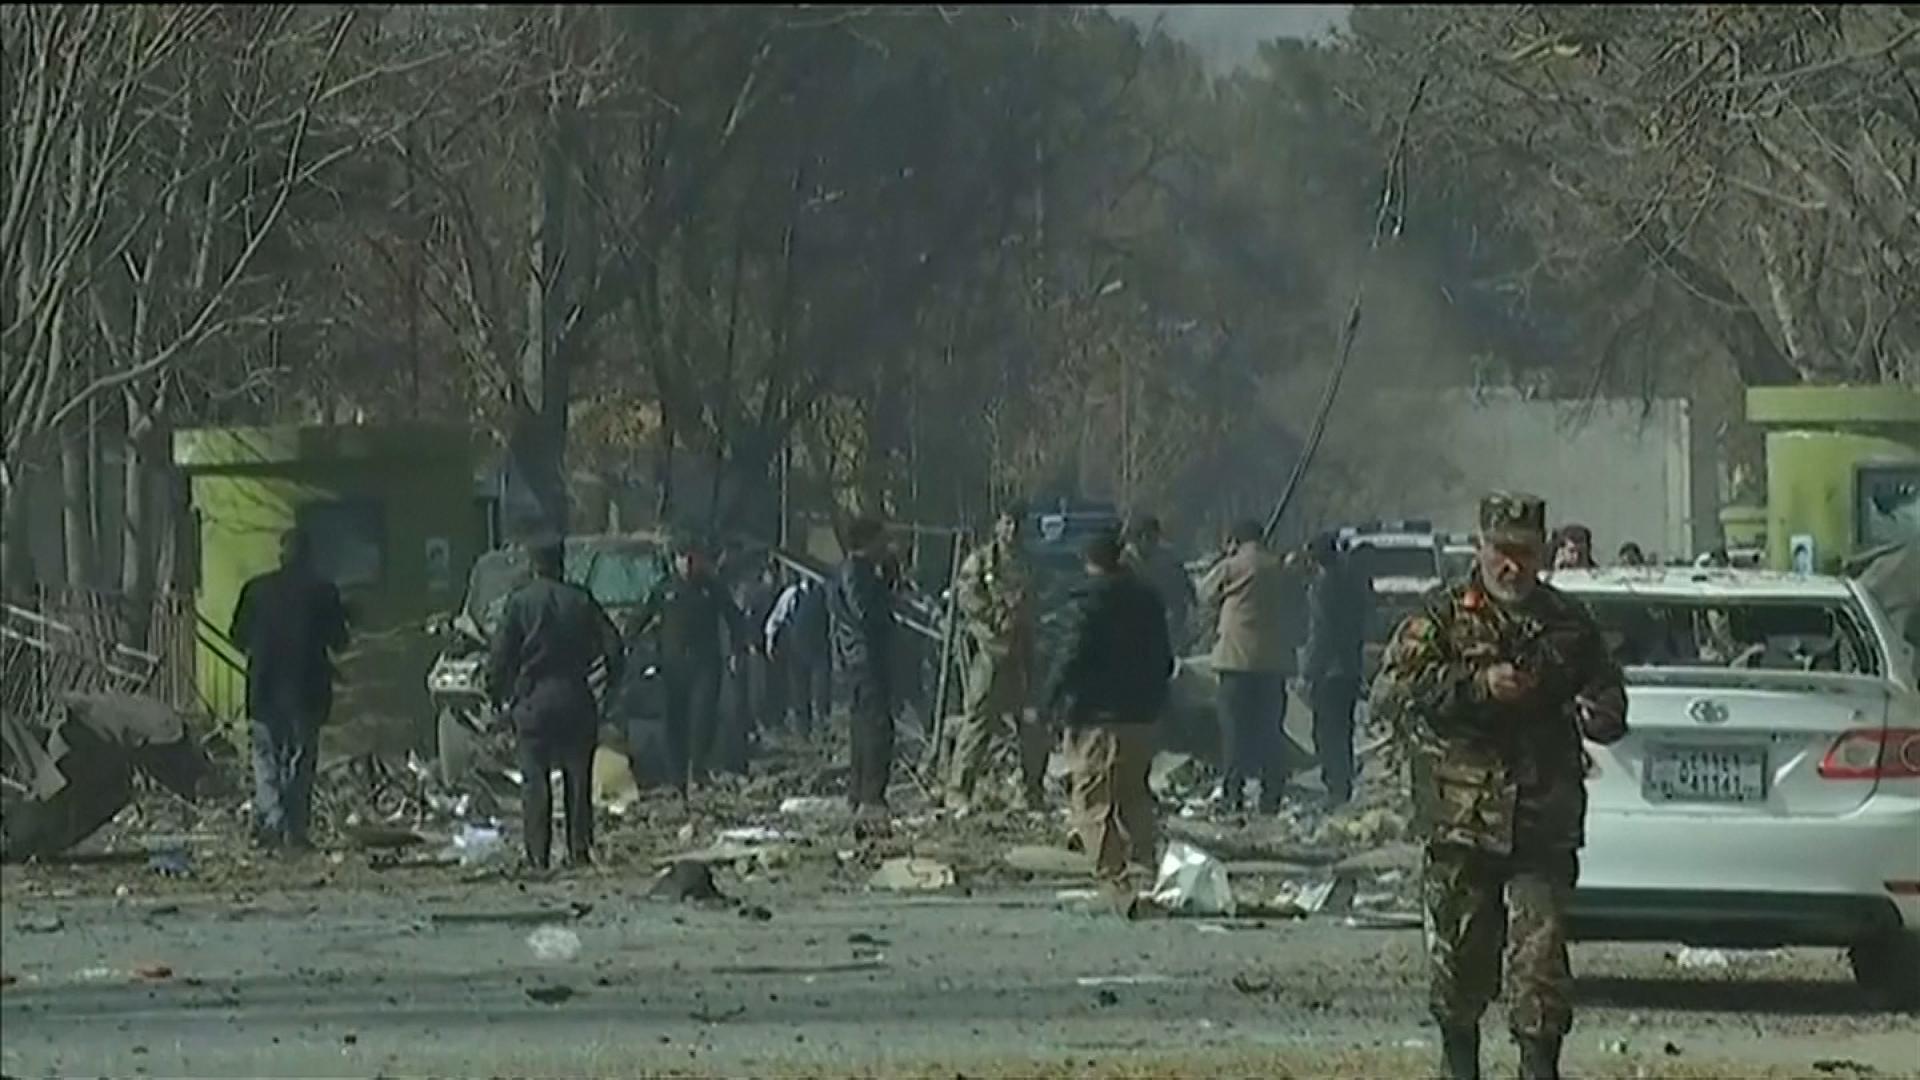 El atentado en Kabul dejó decenas de muertos y heridos